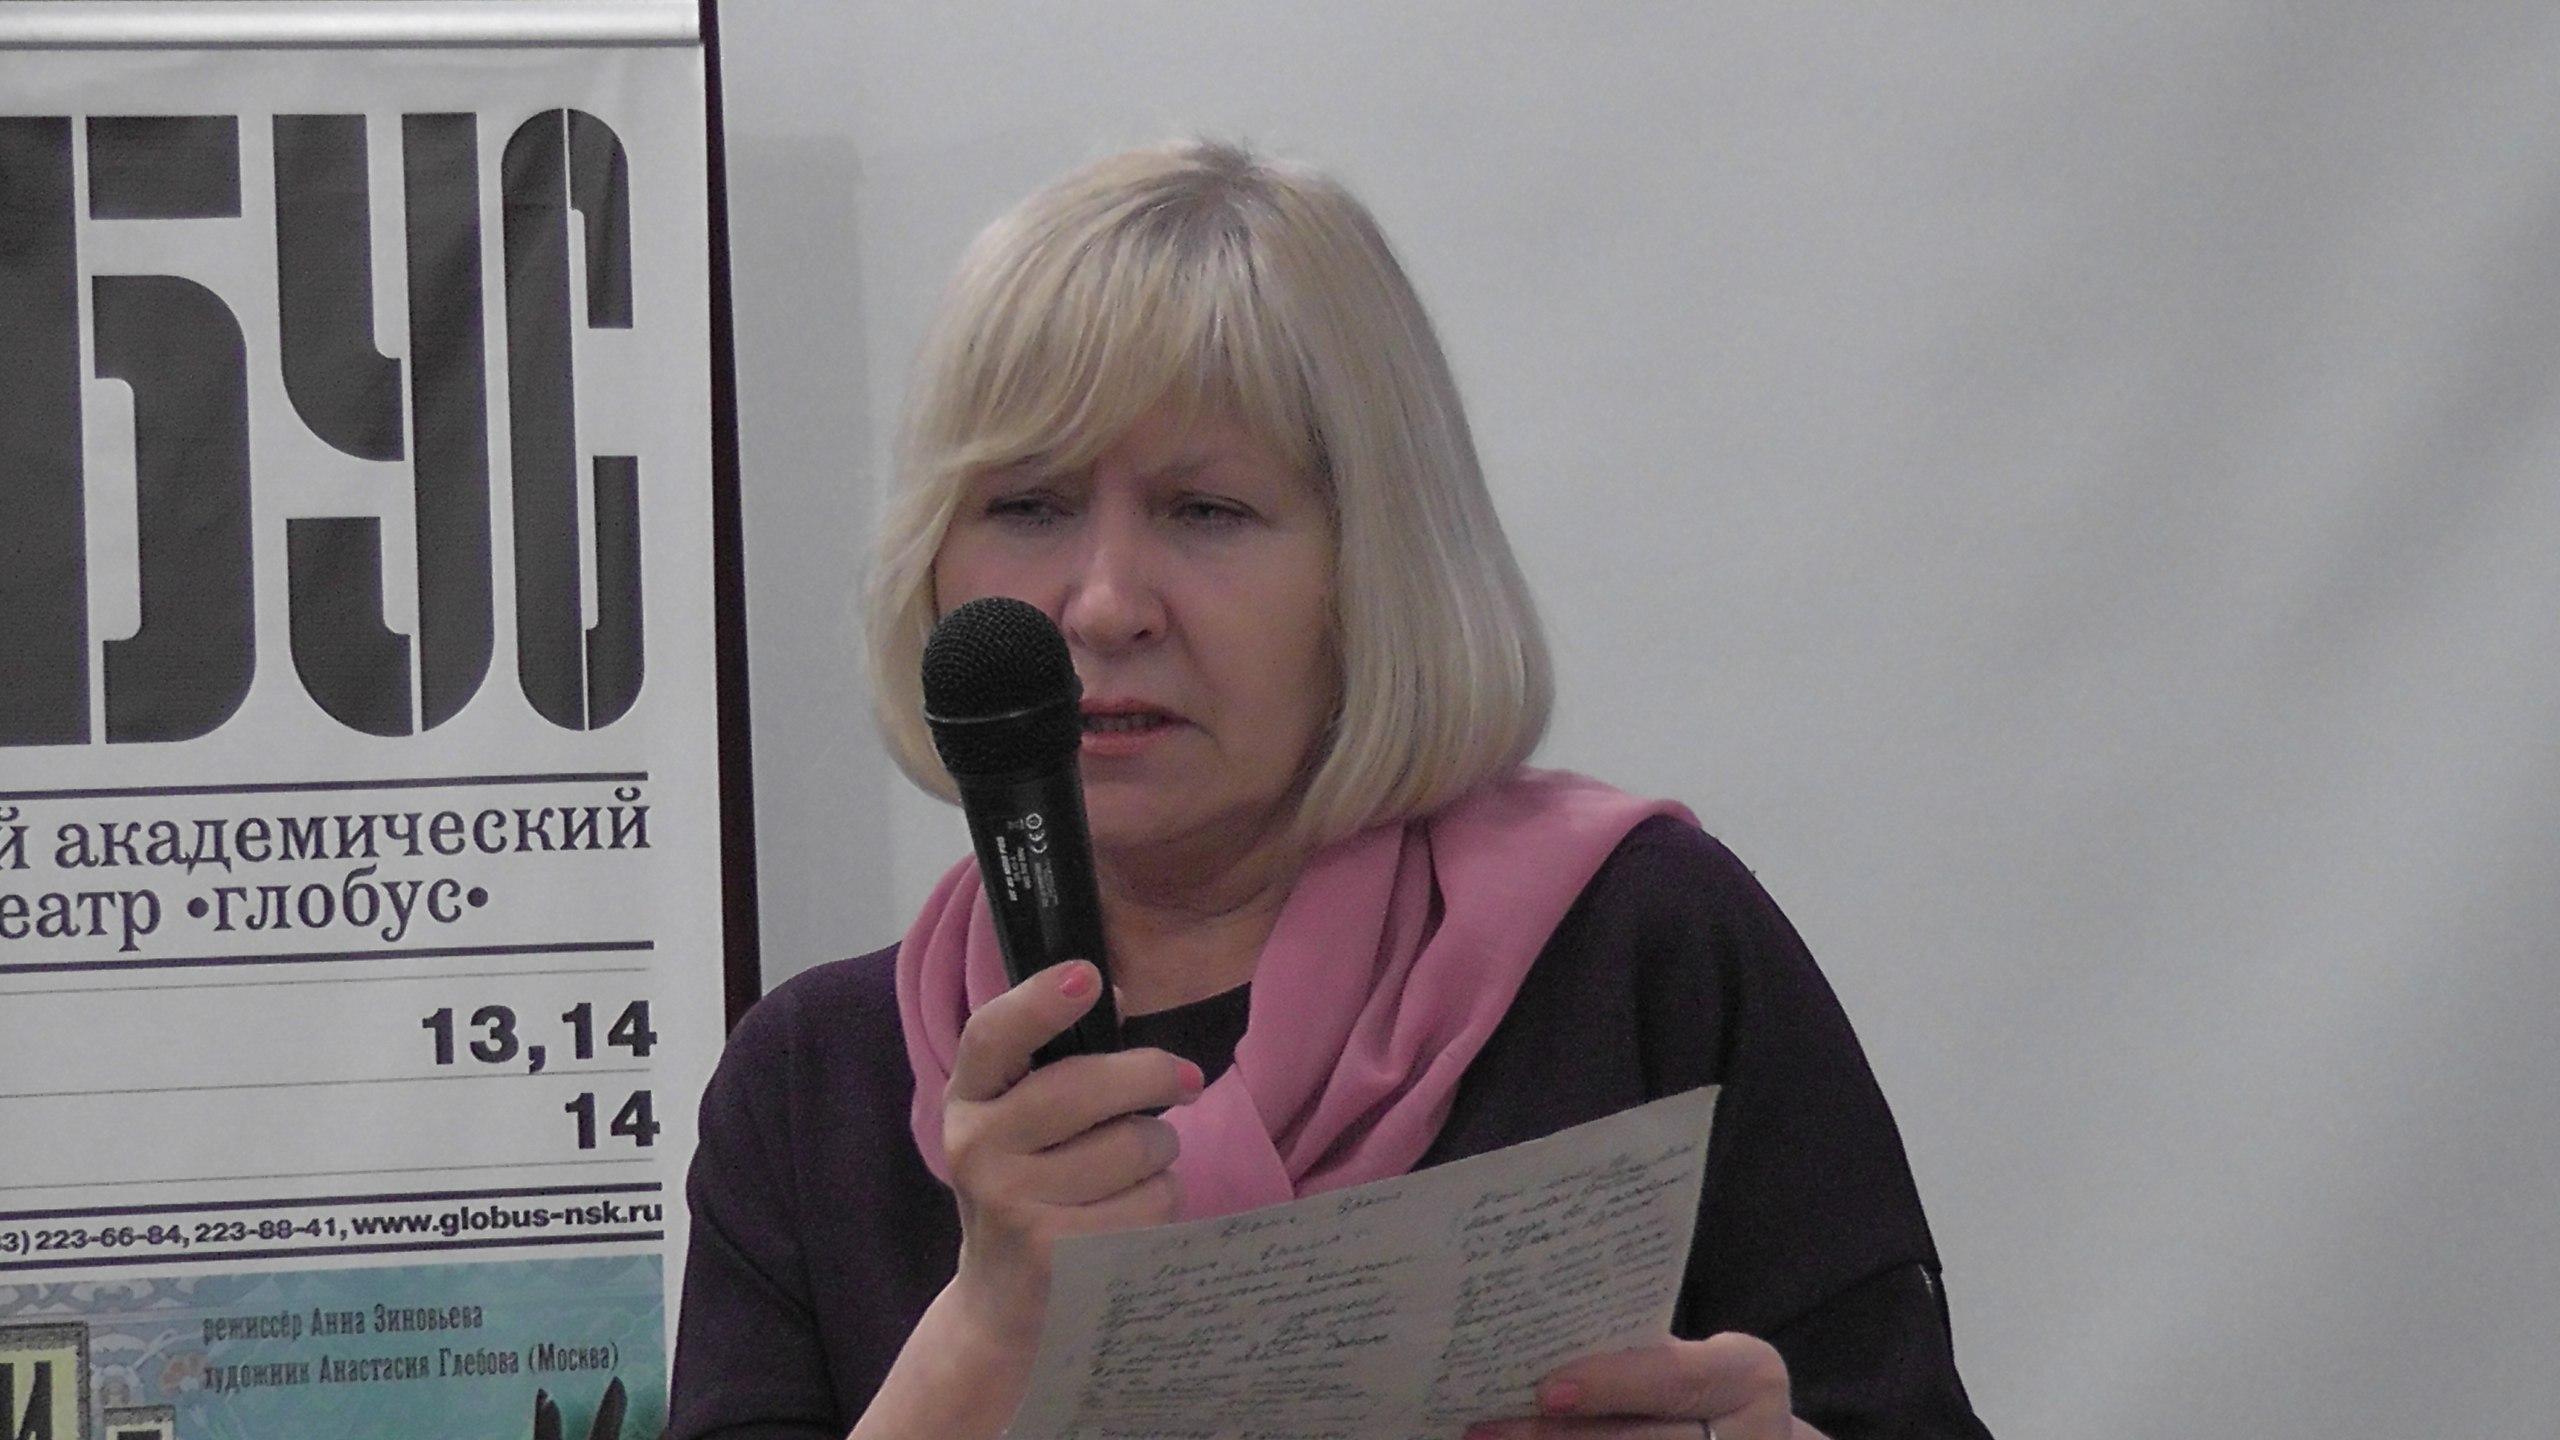 Мария Каменская читает стихотворение «Ох, Ерёма, Ерёма...»